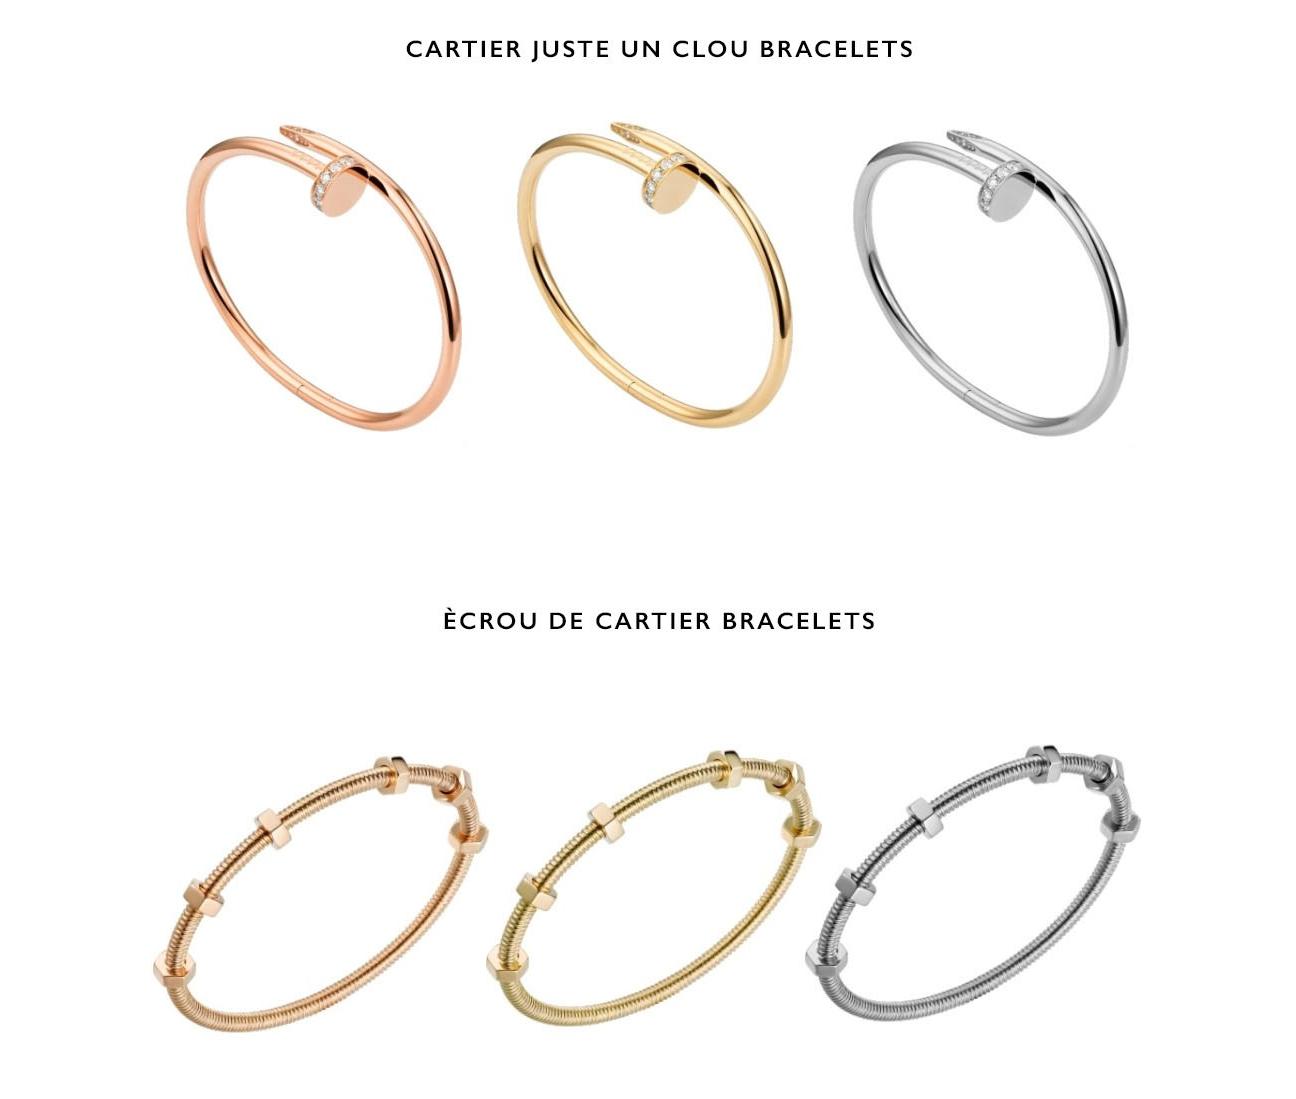 Cartier Juste Un Clou Nail Bracelets and Ecour Nuts and Bolts Bracelets